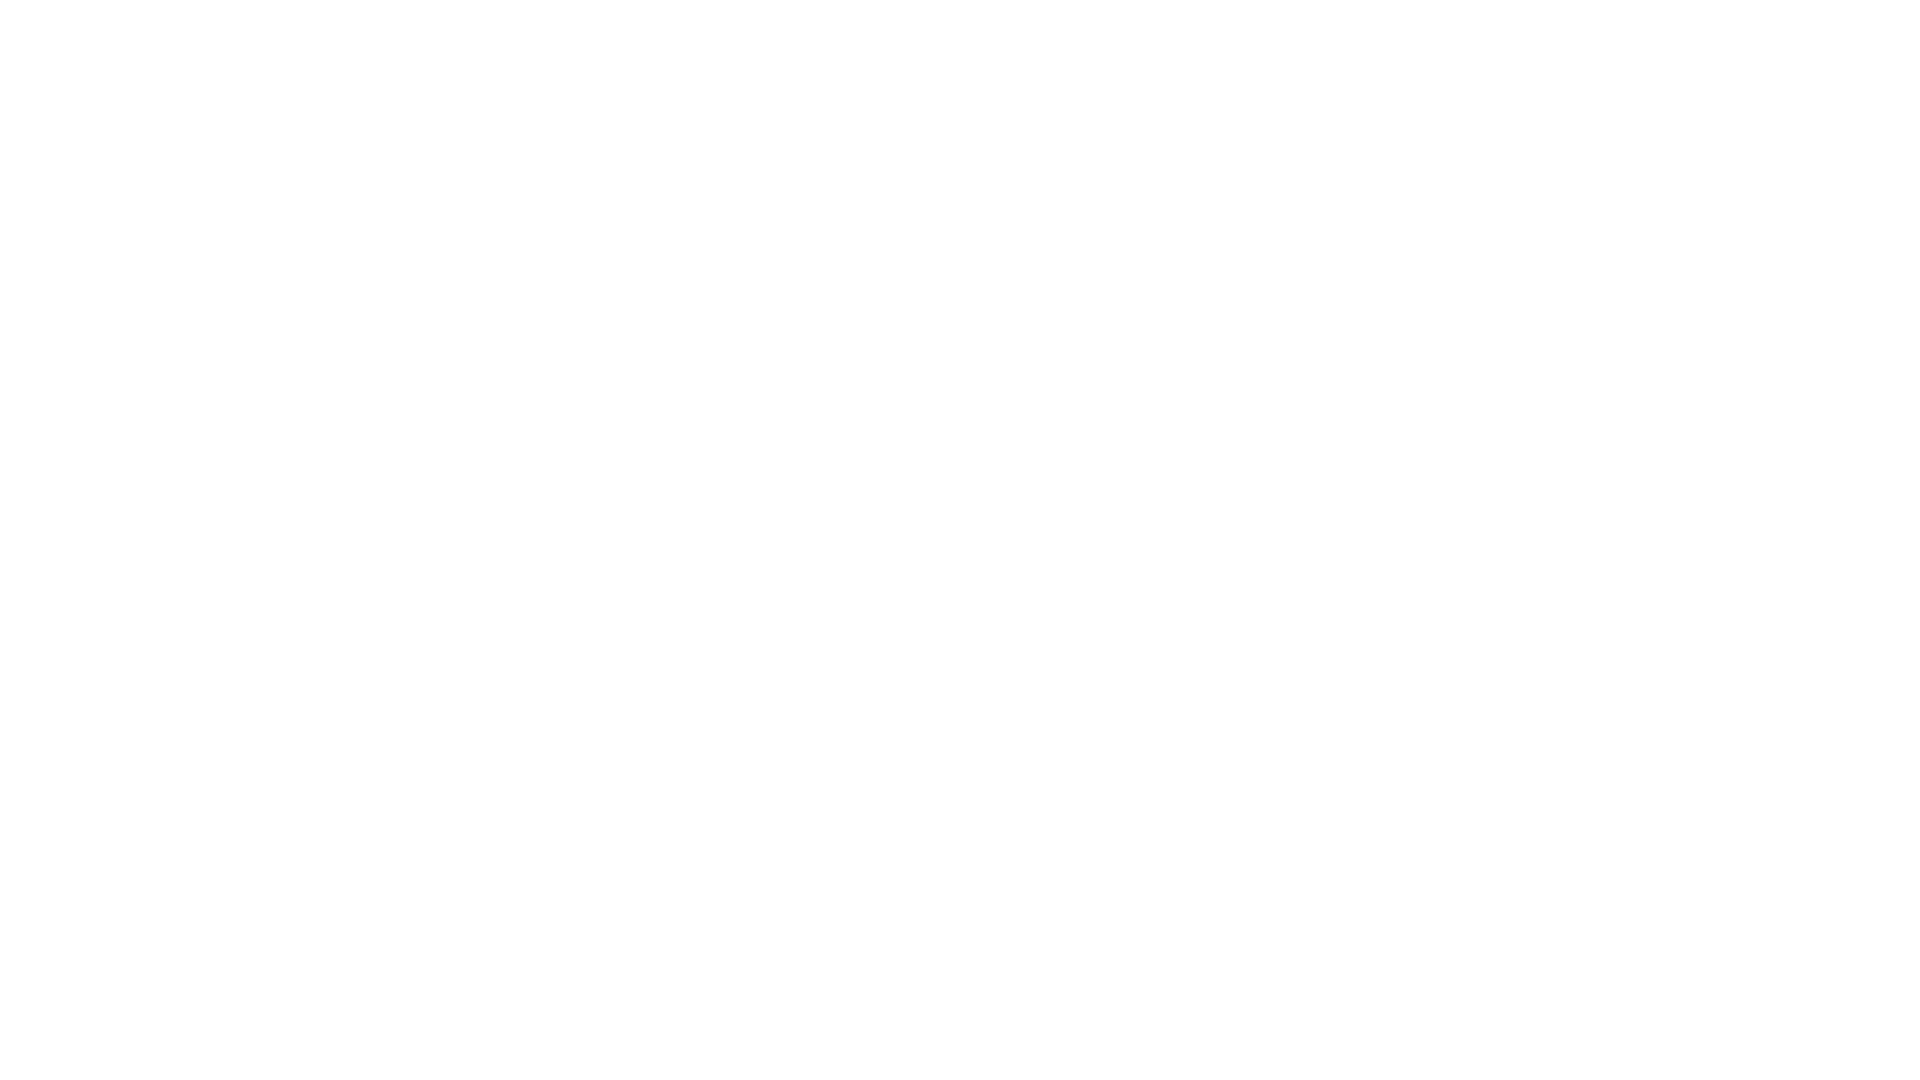 ※100個限定販売 至高下半身盗撮 プレミアム Vol.32 ハイビジョン 丸見えマンコ | 洗面所  88画像 67